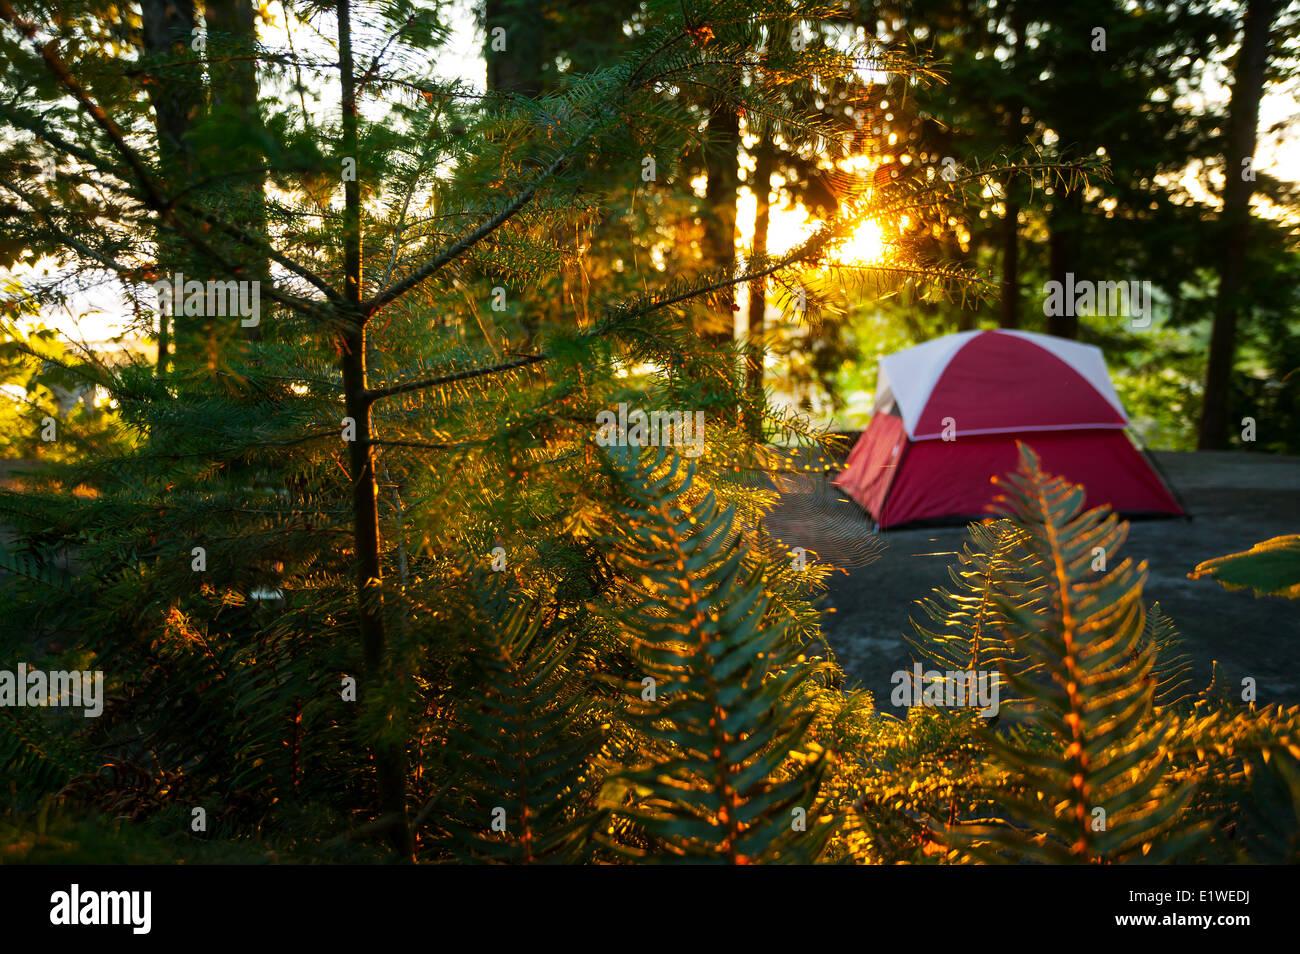 Eine Tentsite erstrahlt im Licht des frühen Morgens in die Zuiderzee Campingplatz Resort direkt vor Nanaimo. Stockbild